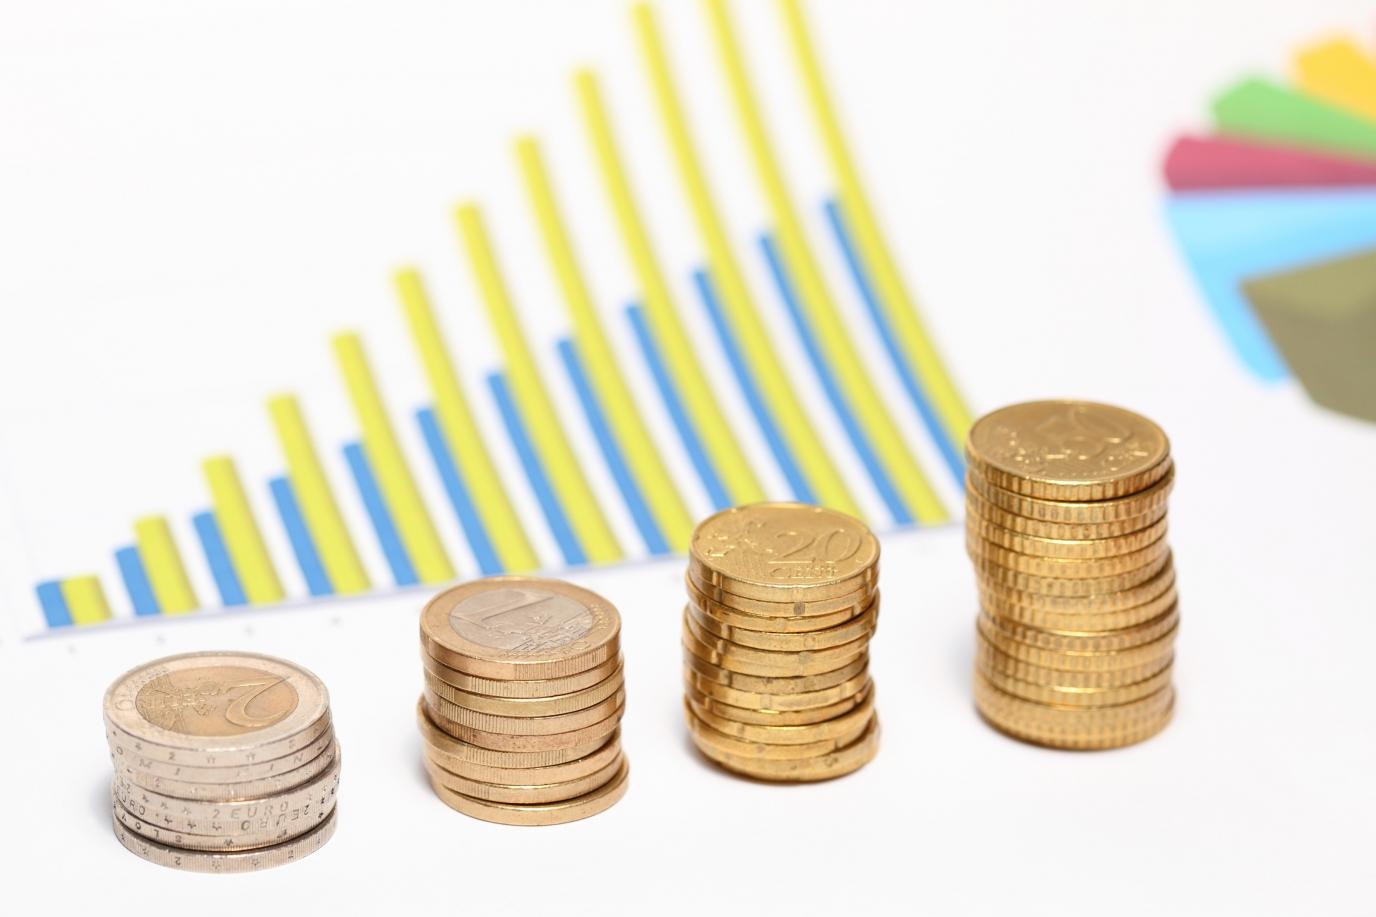 Gezien de toekomstige budgettaire uitdagingen is het hoog tijd voor de vorming van een federale regering